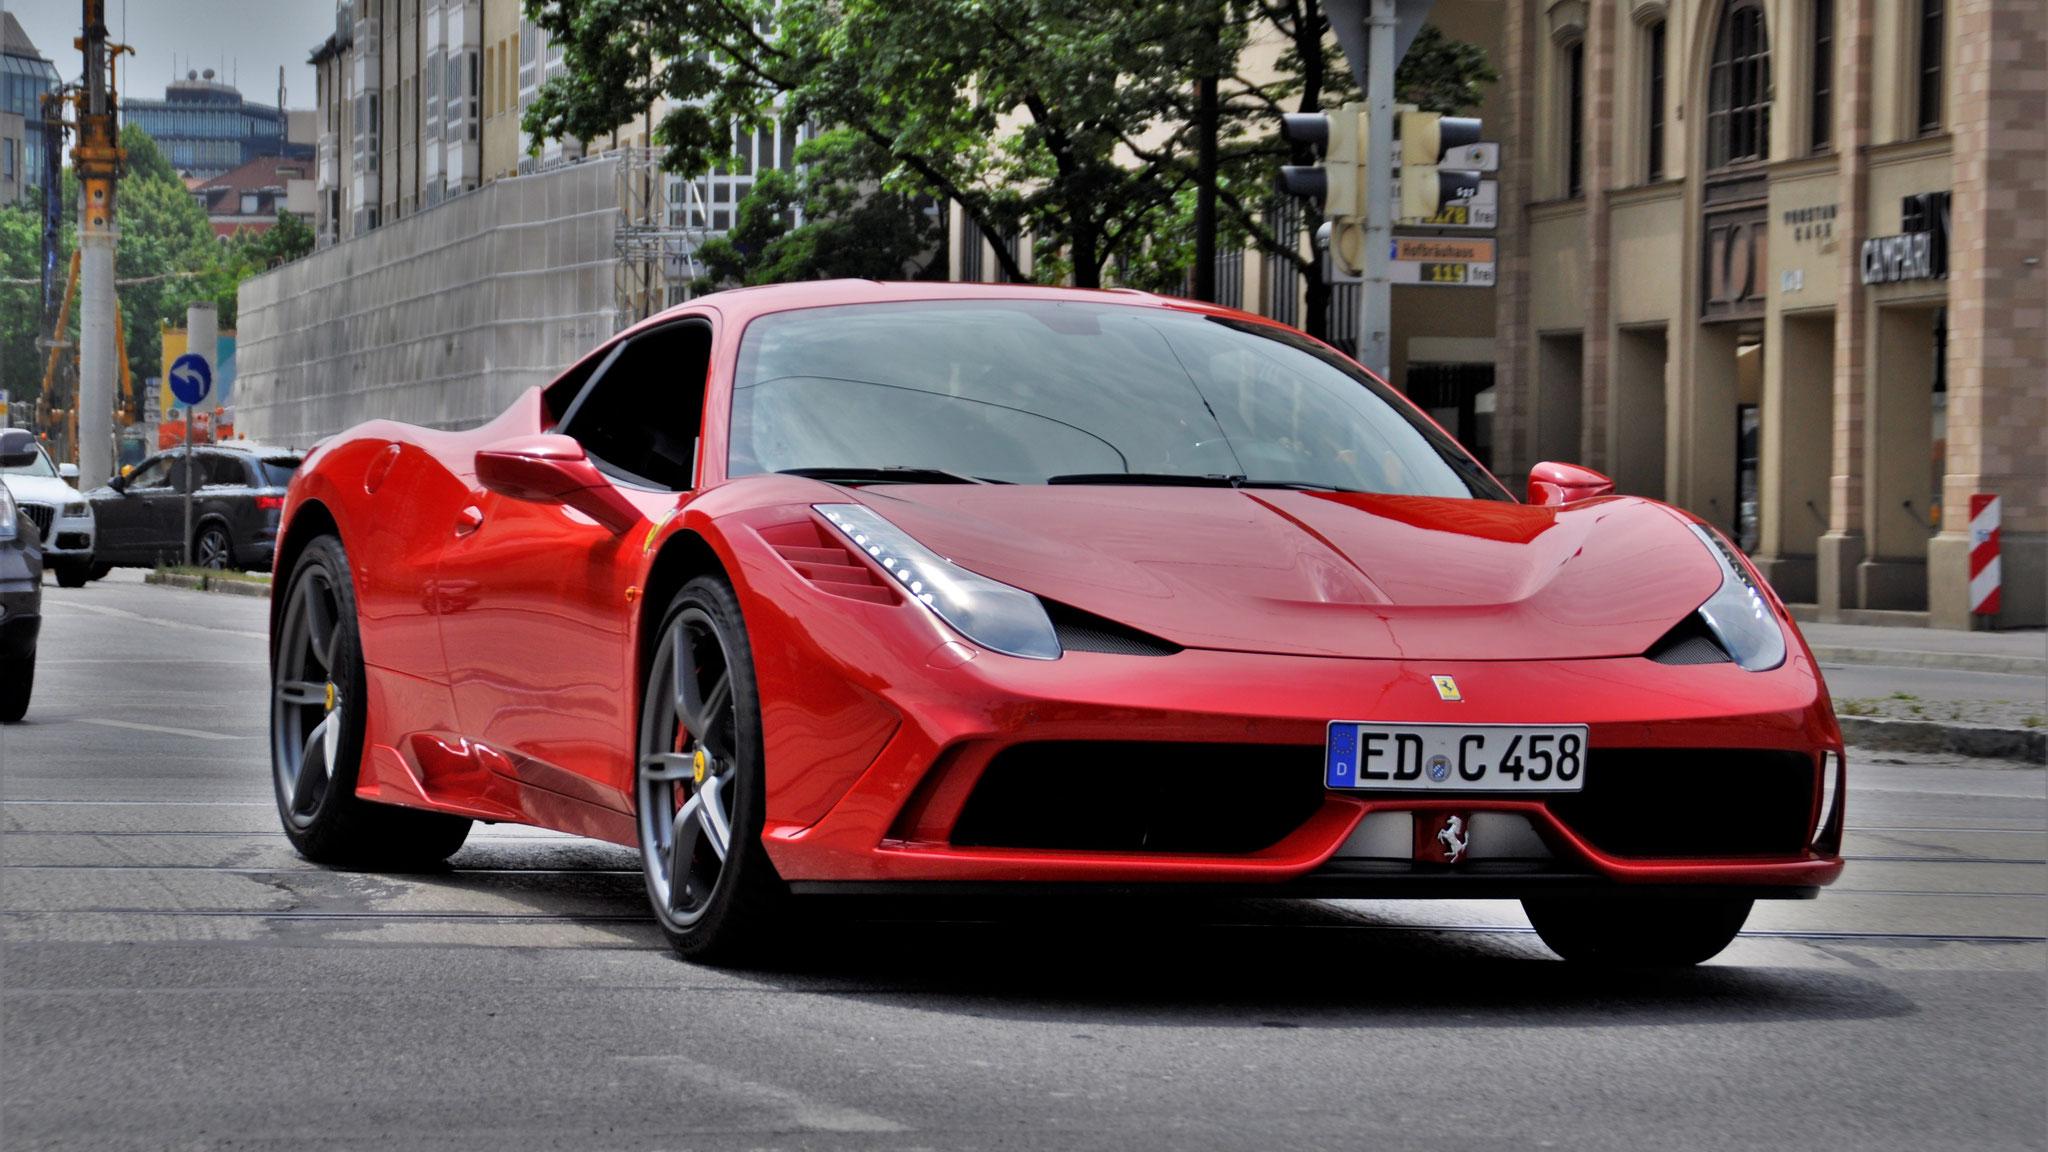 Ferrari 458 Speciale - ED-C-458